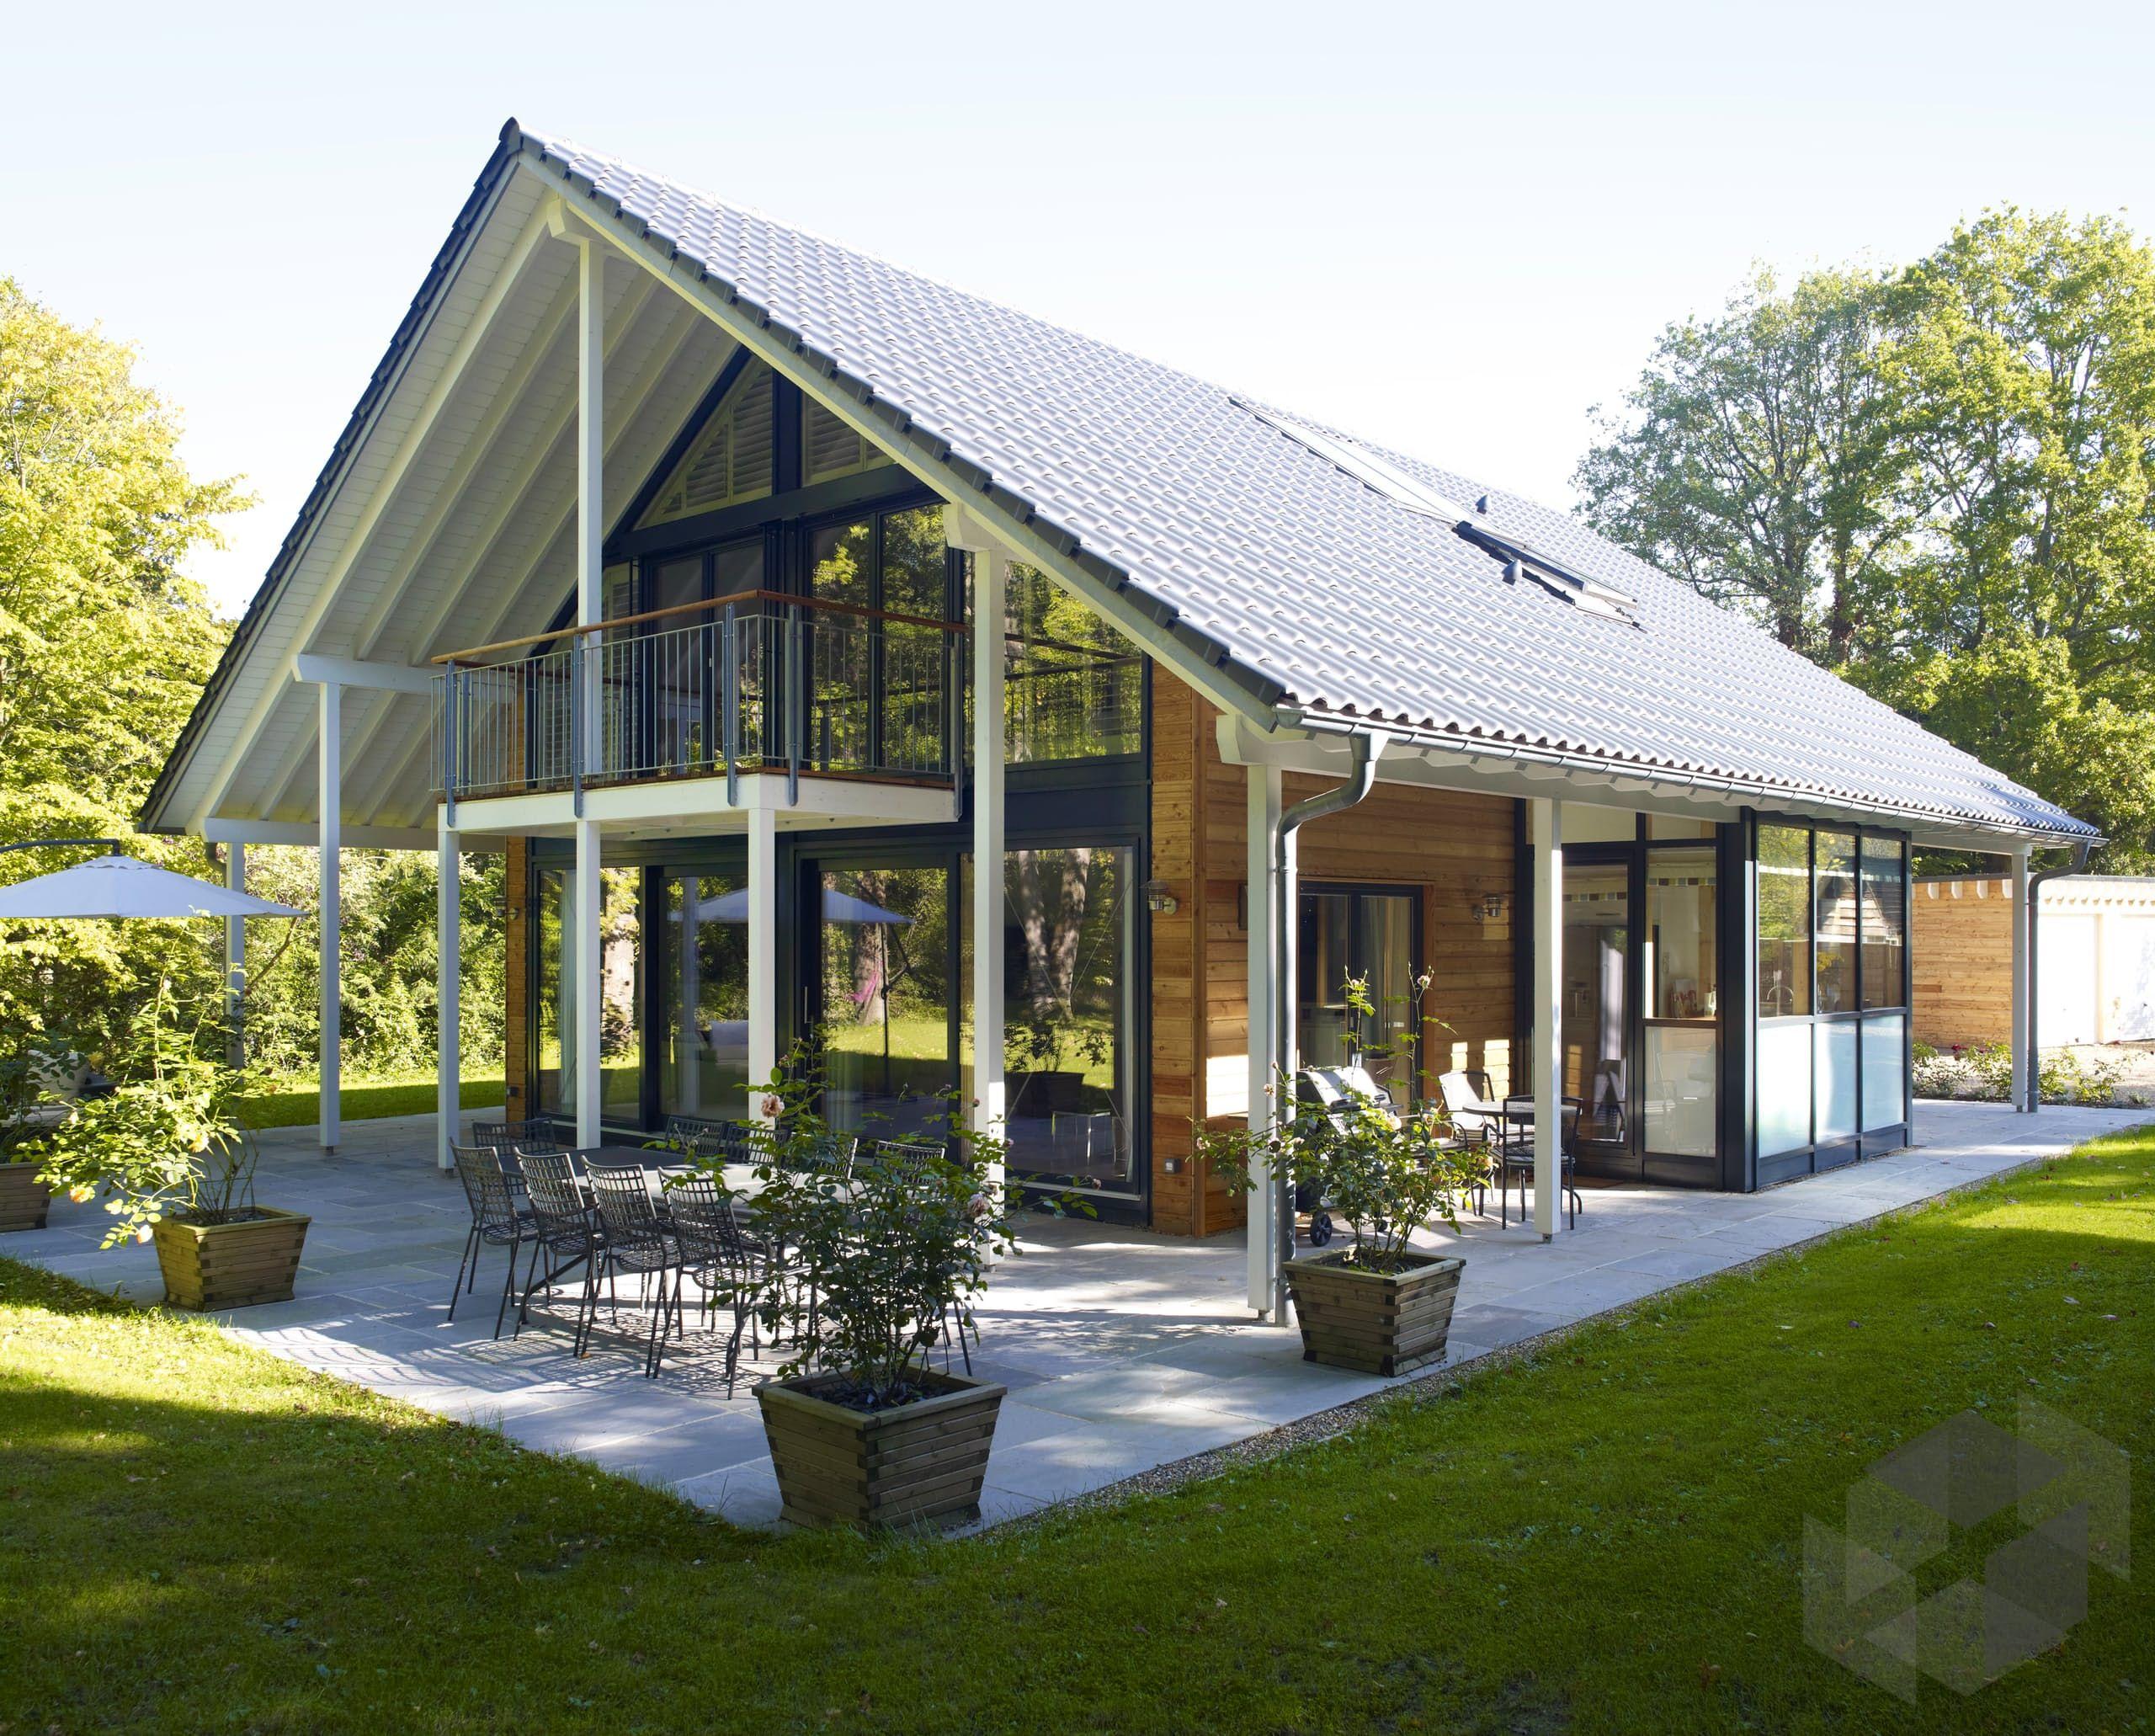 Modernes Fachwerkhaus Architektur Aus Glas Von Baufritz Alle Infos Zum Haus Mit Einem Klick Auf Das Bild Erhalten Fertighaus De Holzhaus